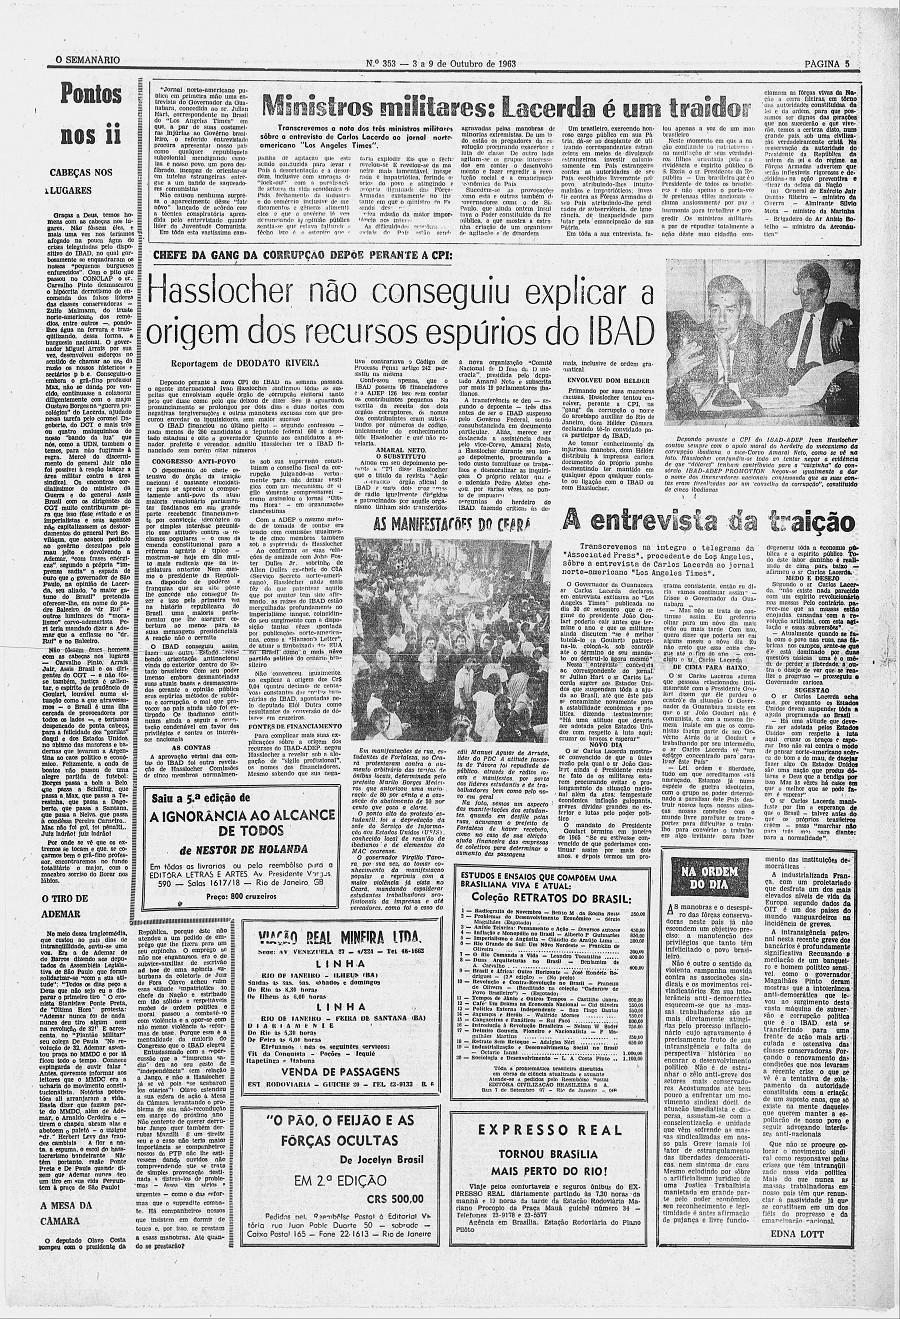 """Na primeira semana de outubro de 1963, """"O Semanário"""" traz  notícia da entrevista de Lacerda e da reação dos militares"""